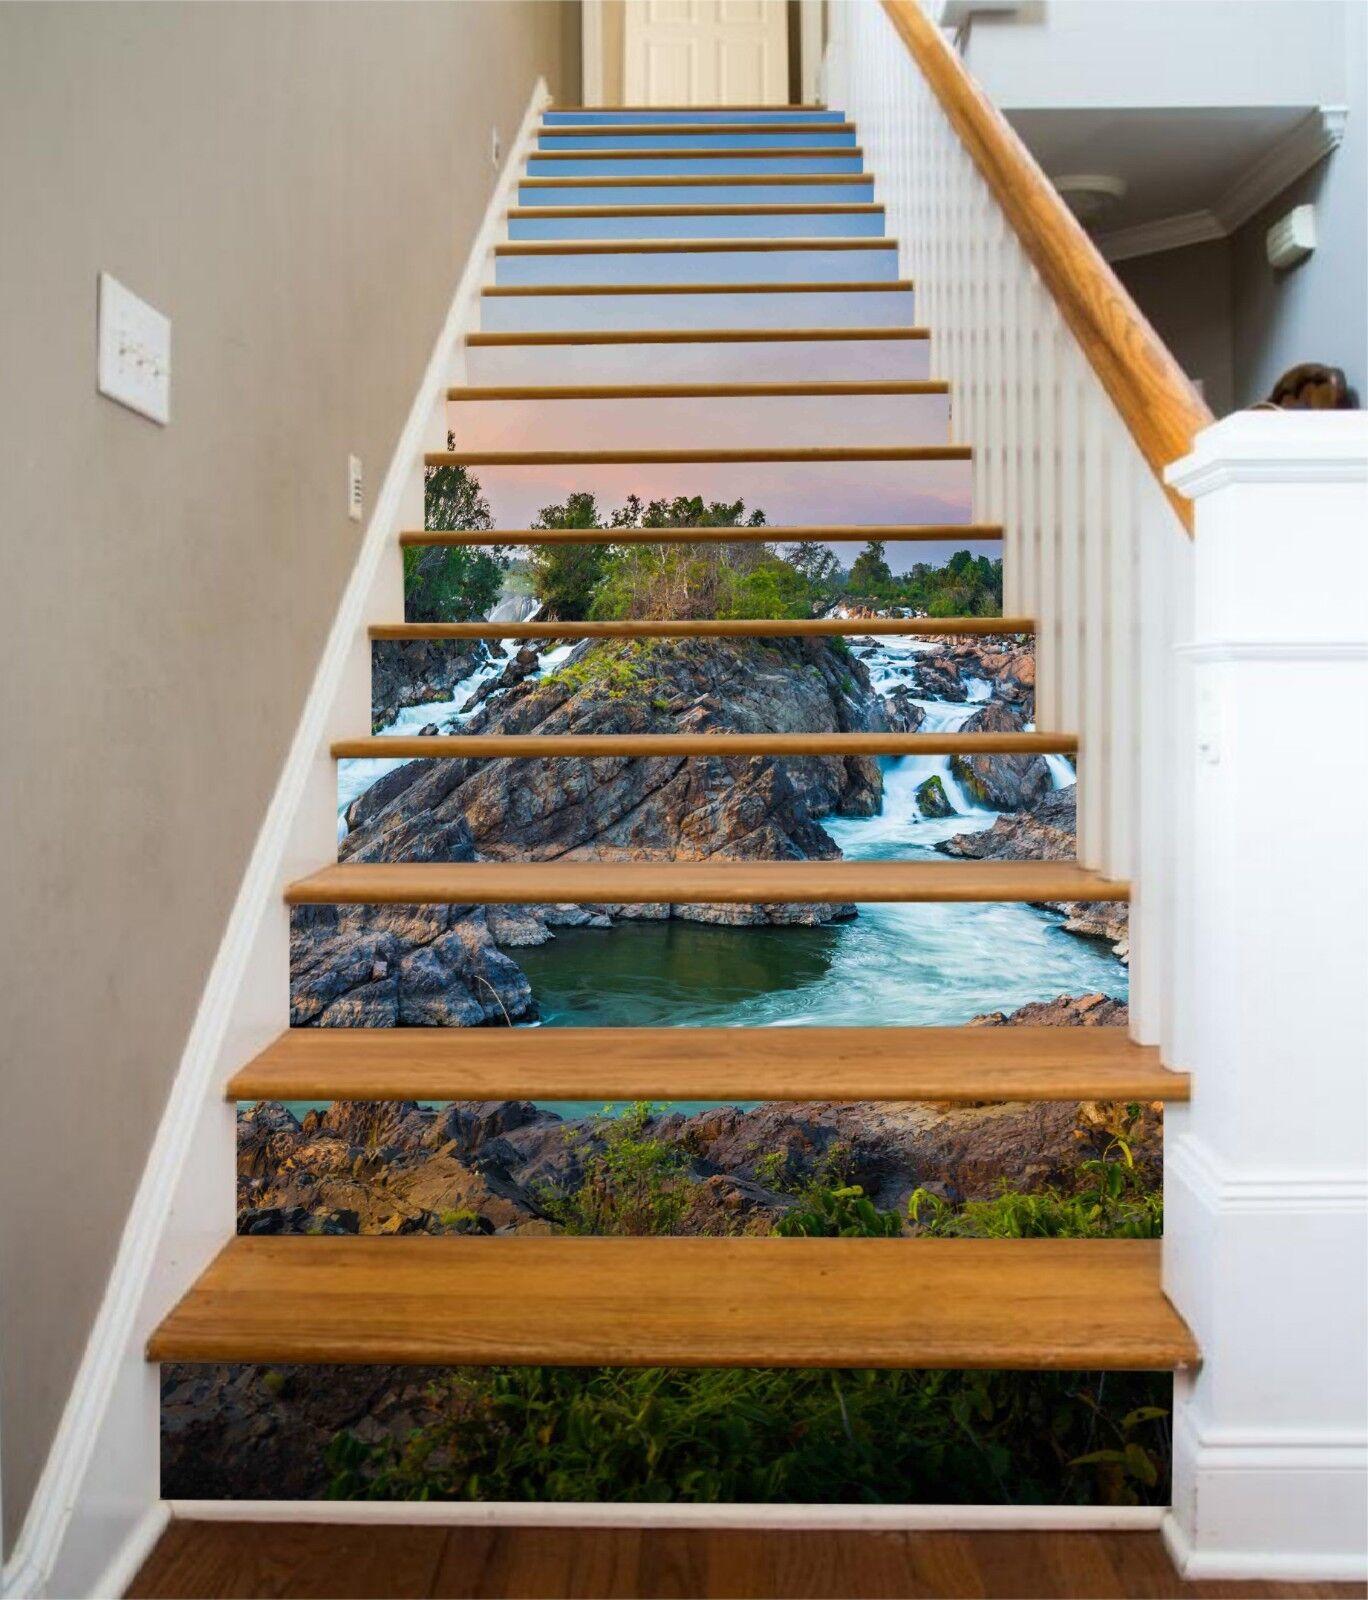 3D Netter Flüsse 27 Stair Risers Dekoration Fototapete Vinyl Aufkleber Tapete DE